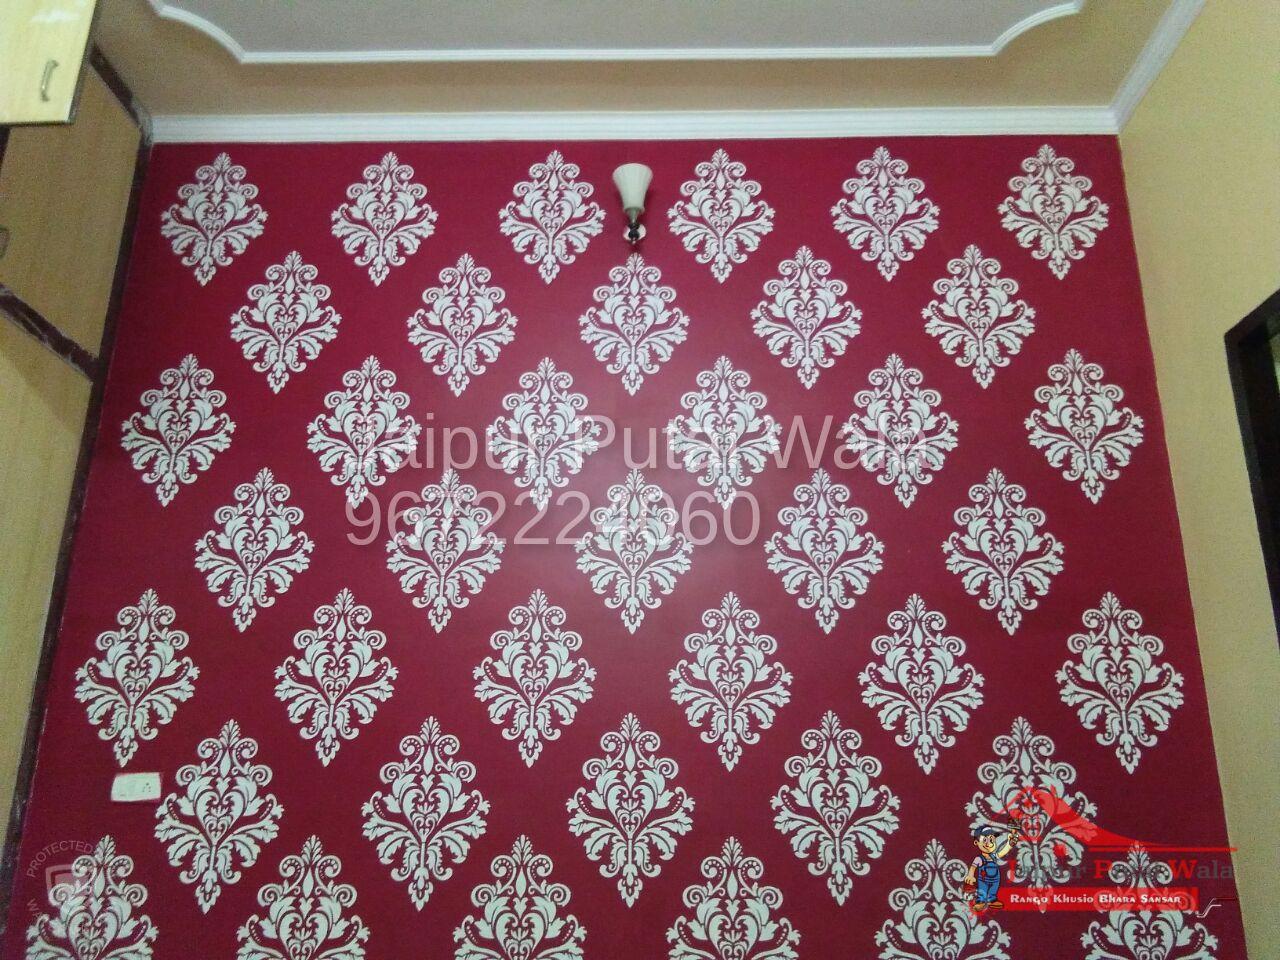 stencil-wall-design-room-hall-10.jpeg